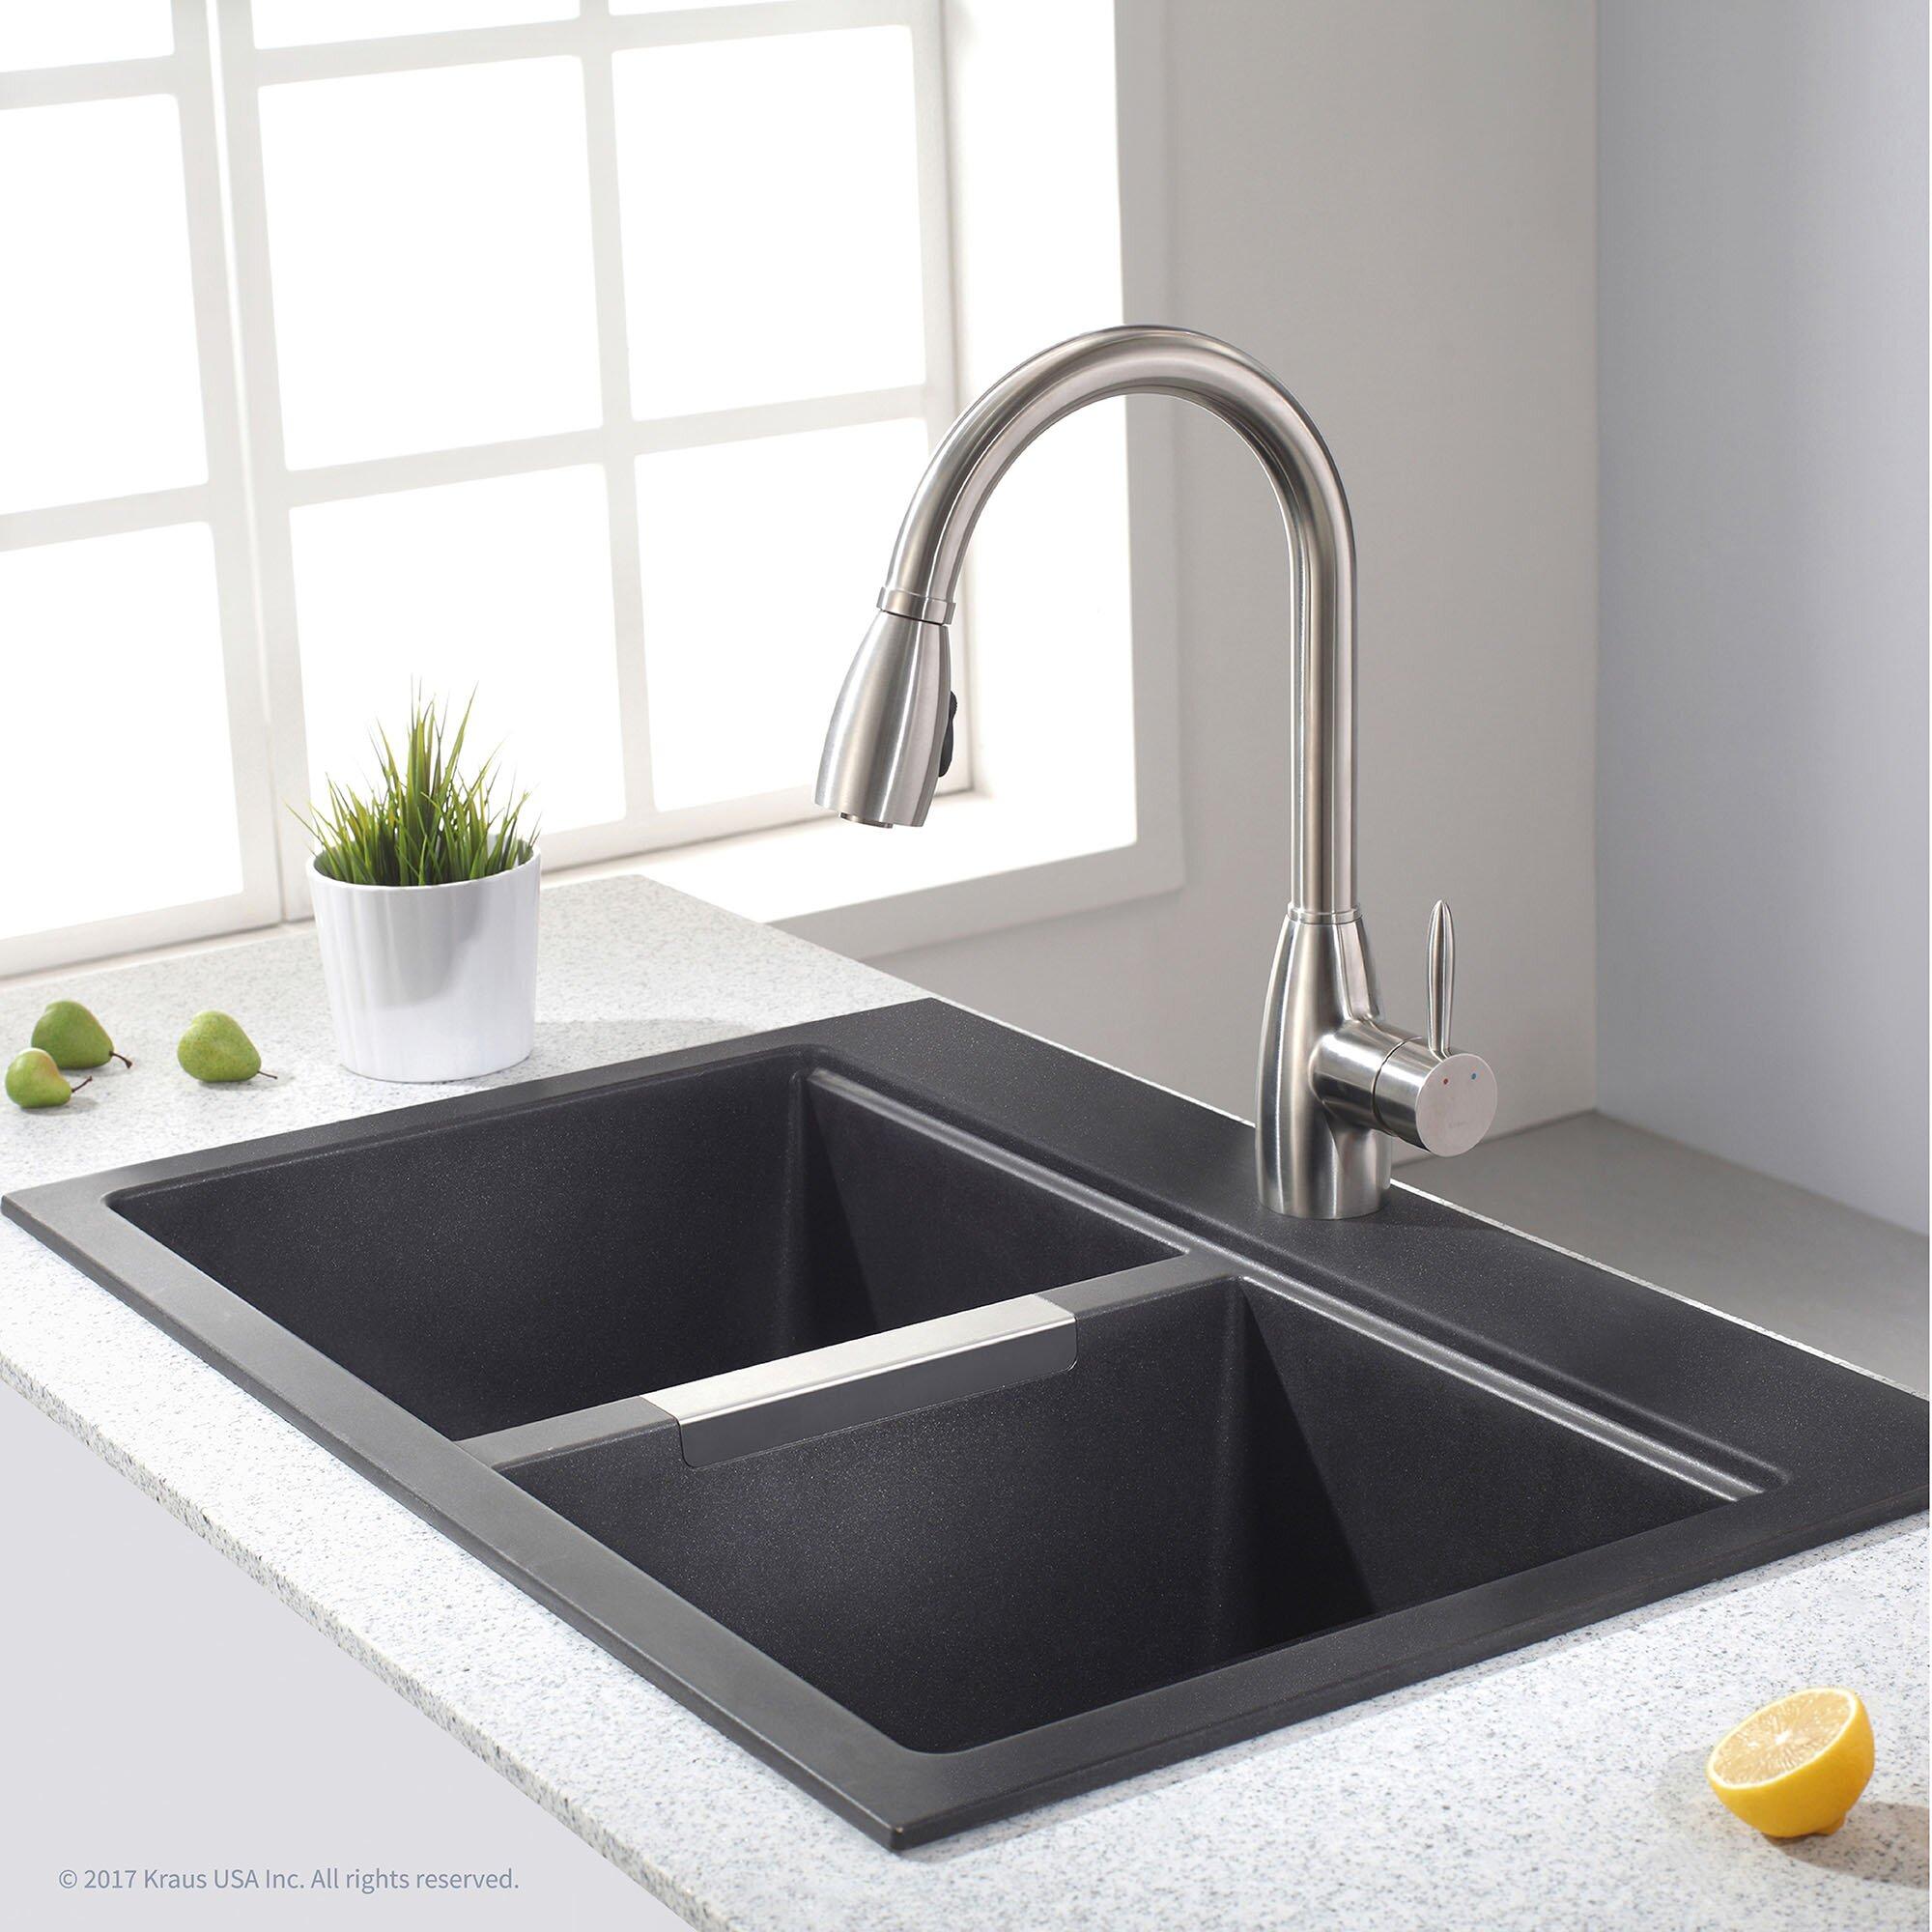 granite 335 x 22 double basin undermount kitchen sink - Kitchen Sink Double